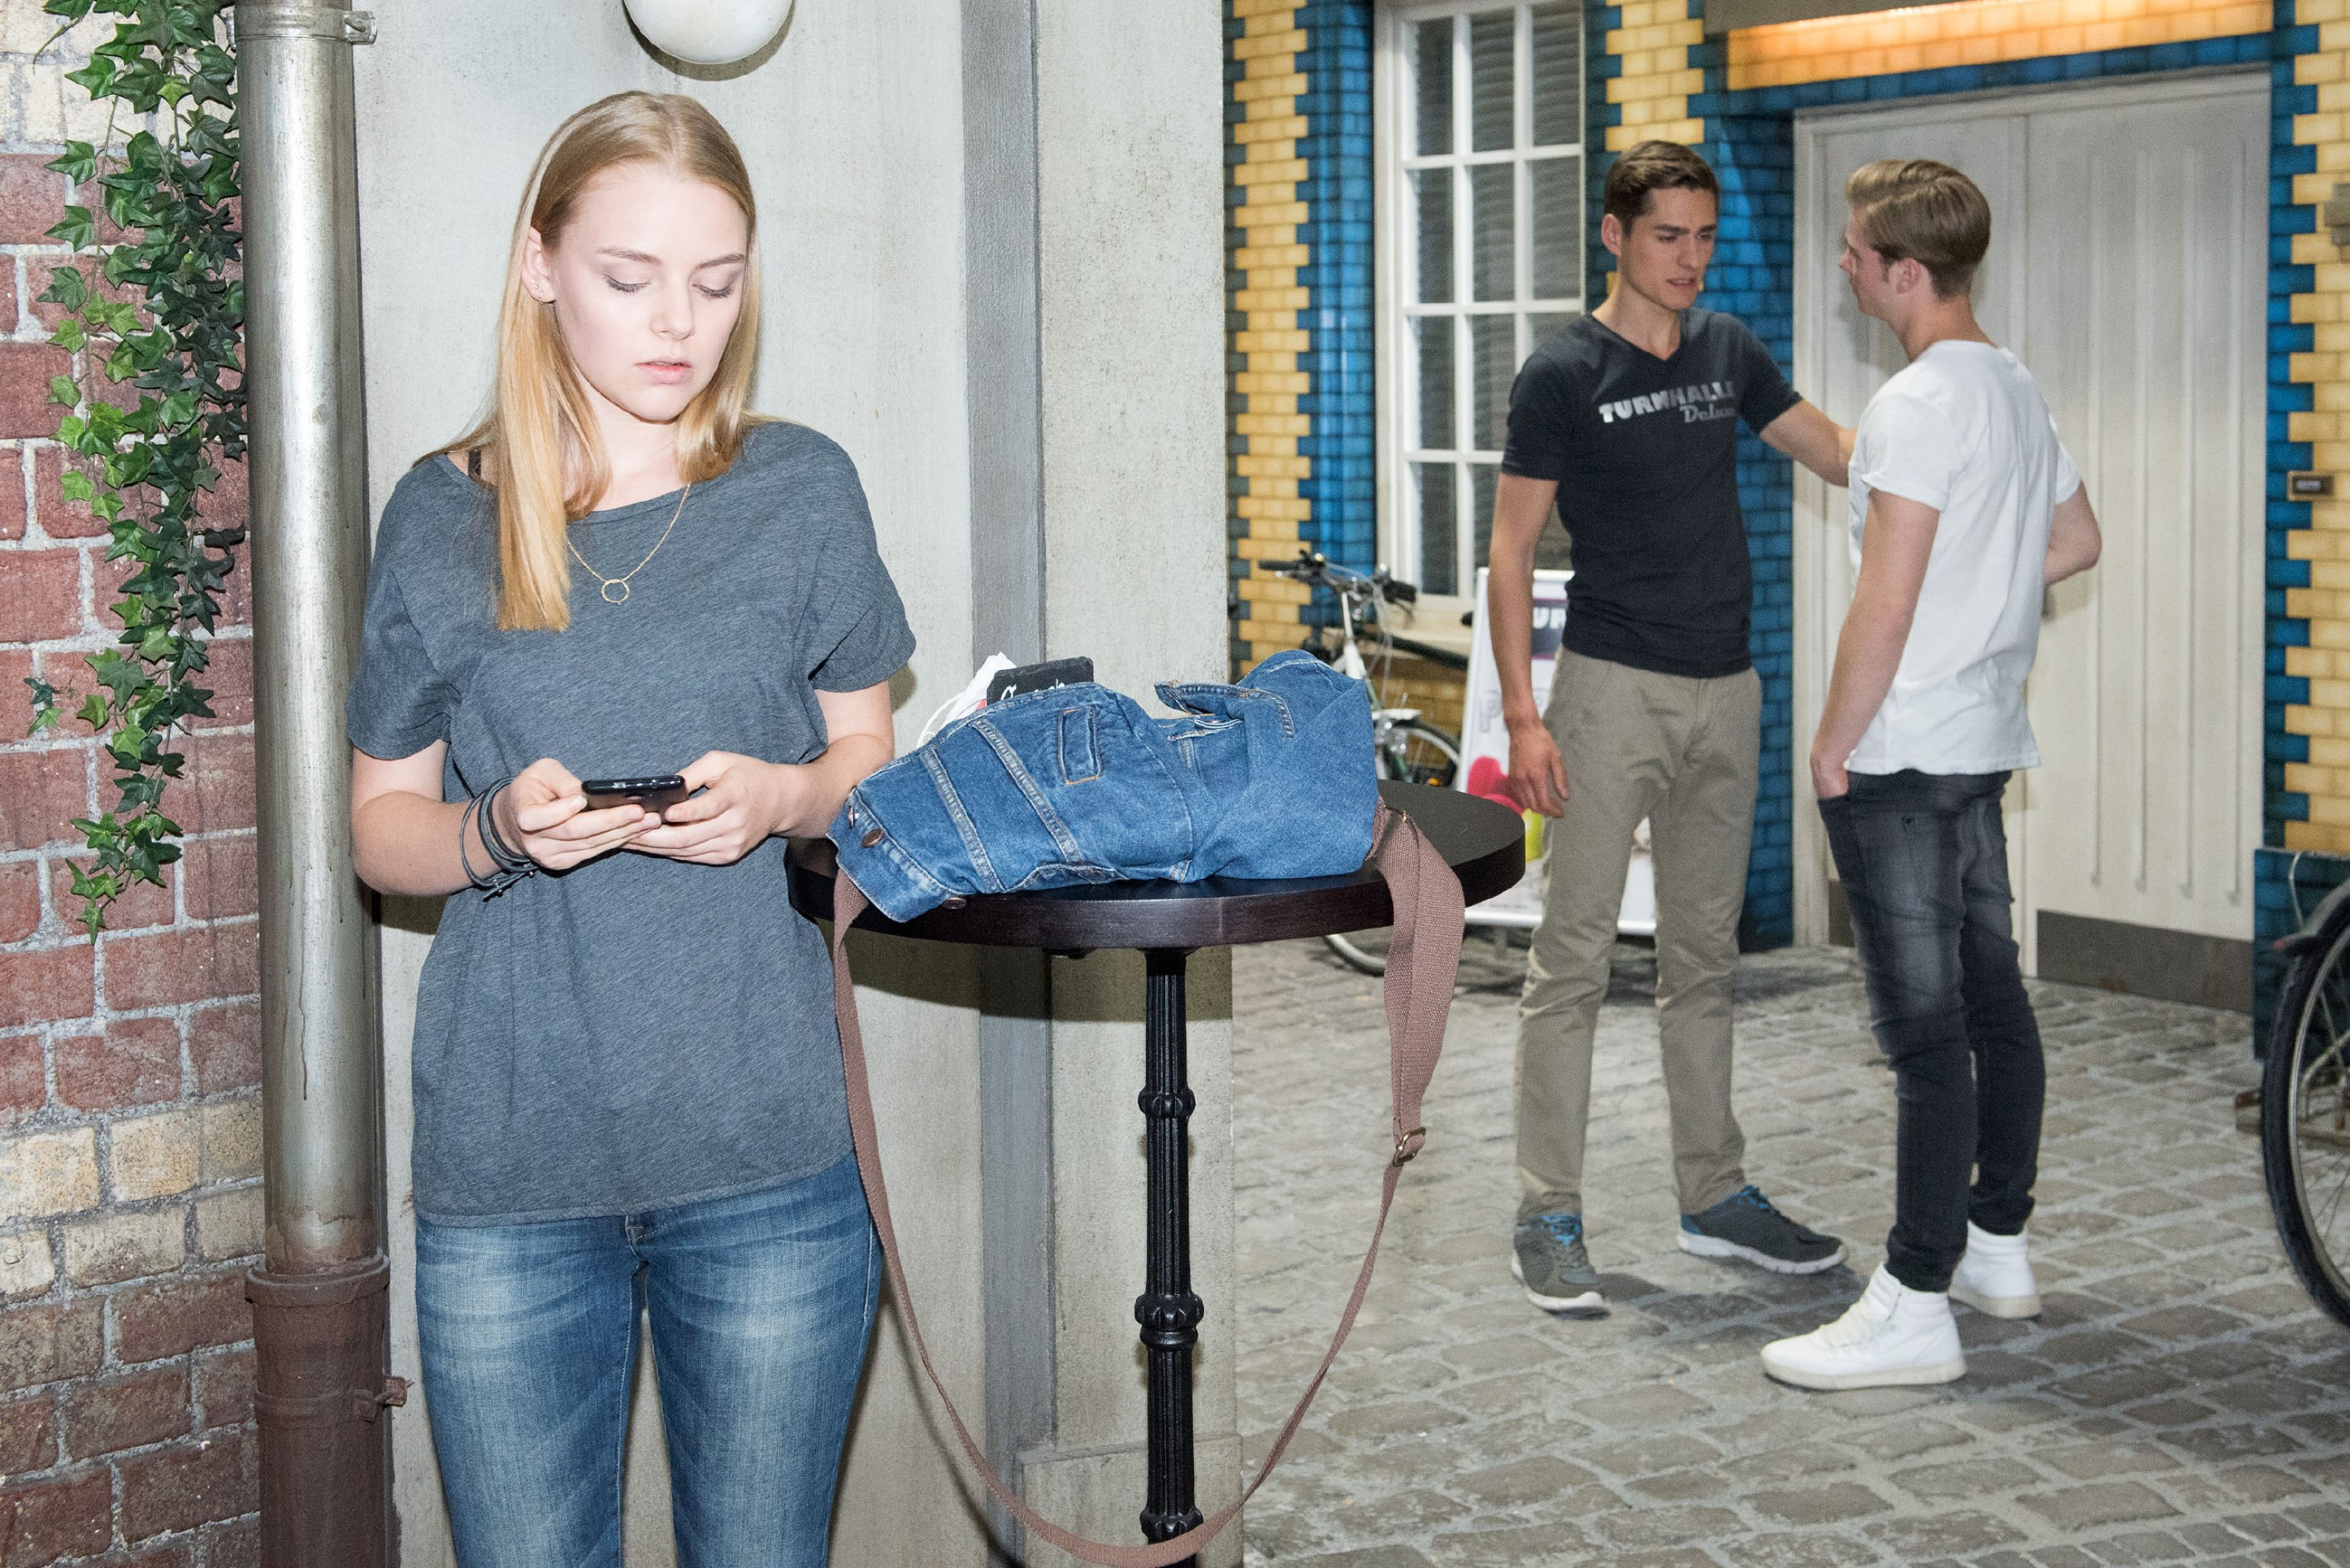 Fiona (Olivia Burkhart) klaut mit Ringos (Timothy Boldt) Hilfe Valentins (Aaron Koszuta, r.) Handy, um dessen Vater Benedikt in eine Falle zu locken. (Quelle: RTL / Stefan Behrens)